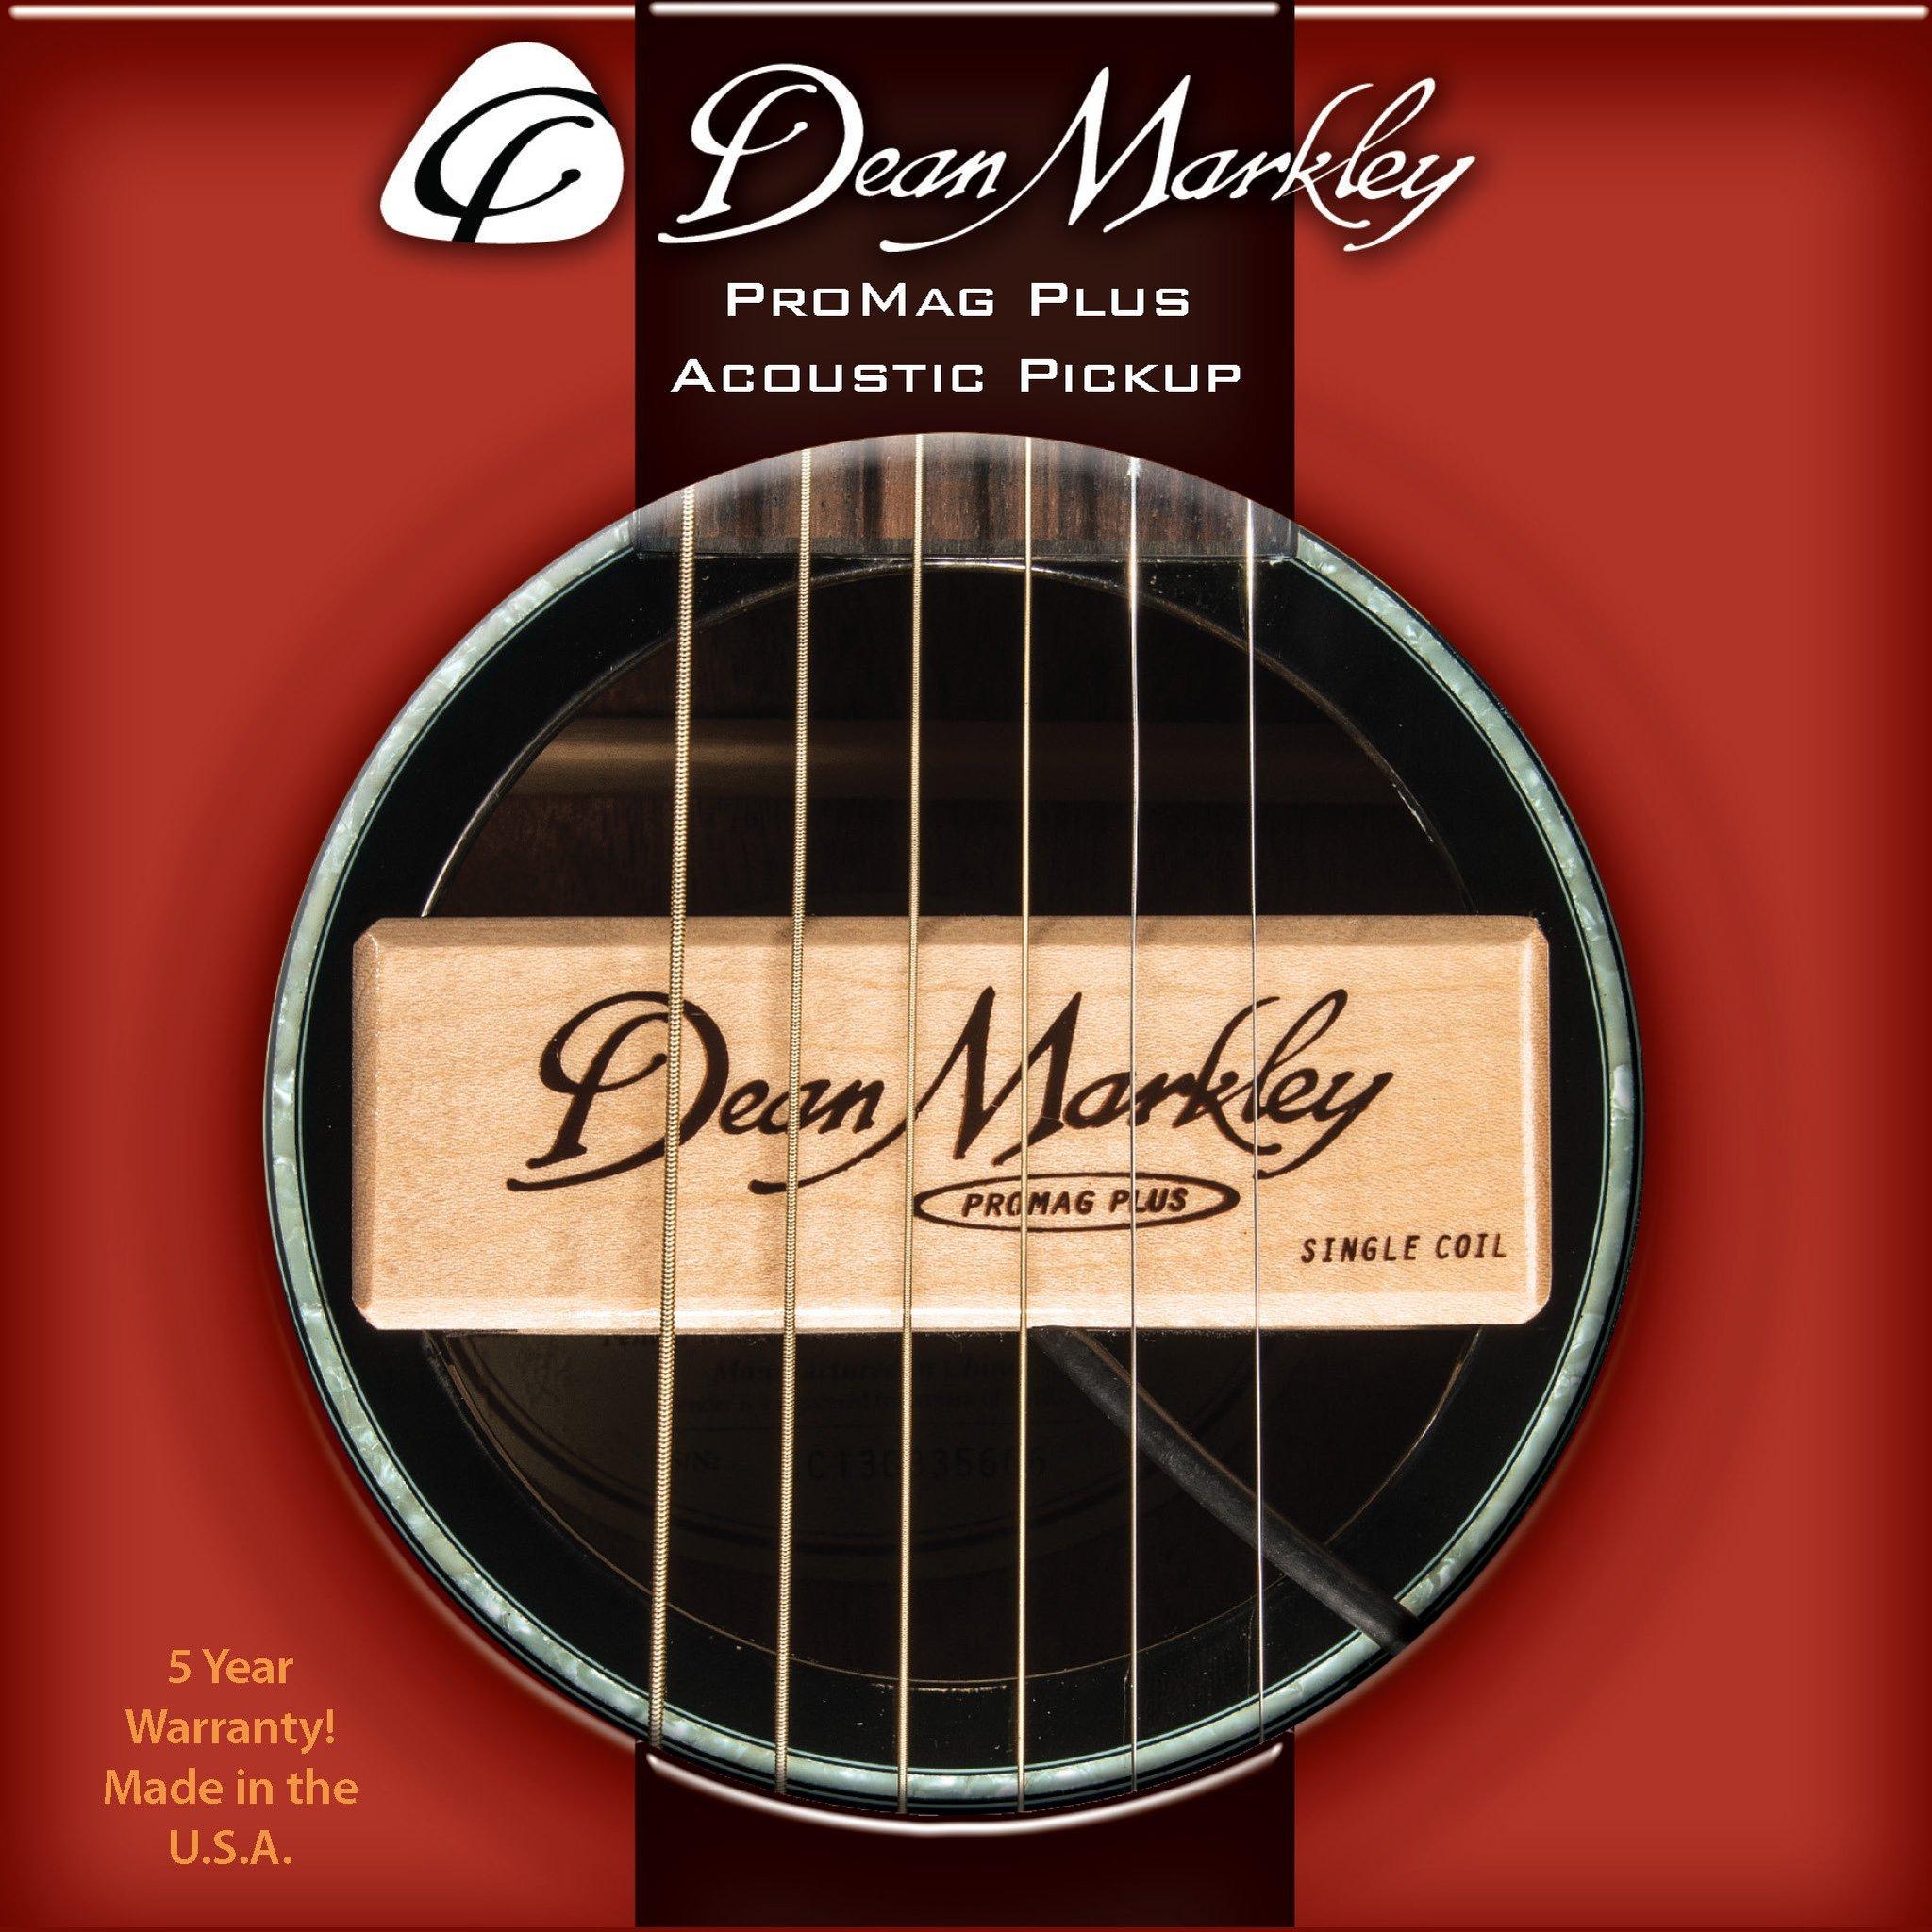 Dean Markley 3011 ProMag XM Single Coil Acoustic Soundhole Pickup